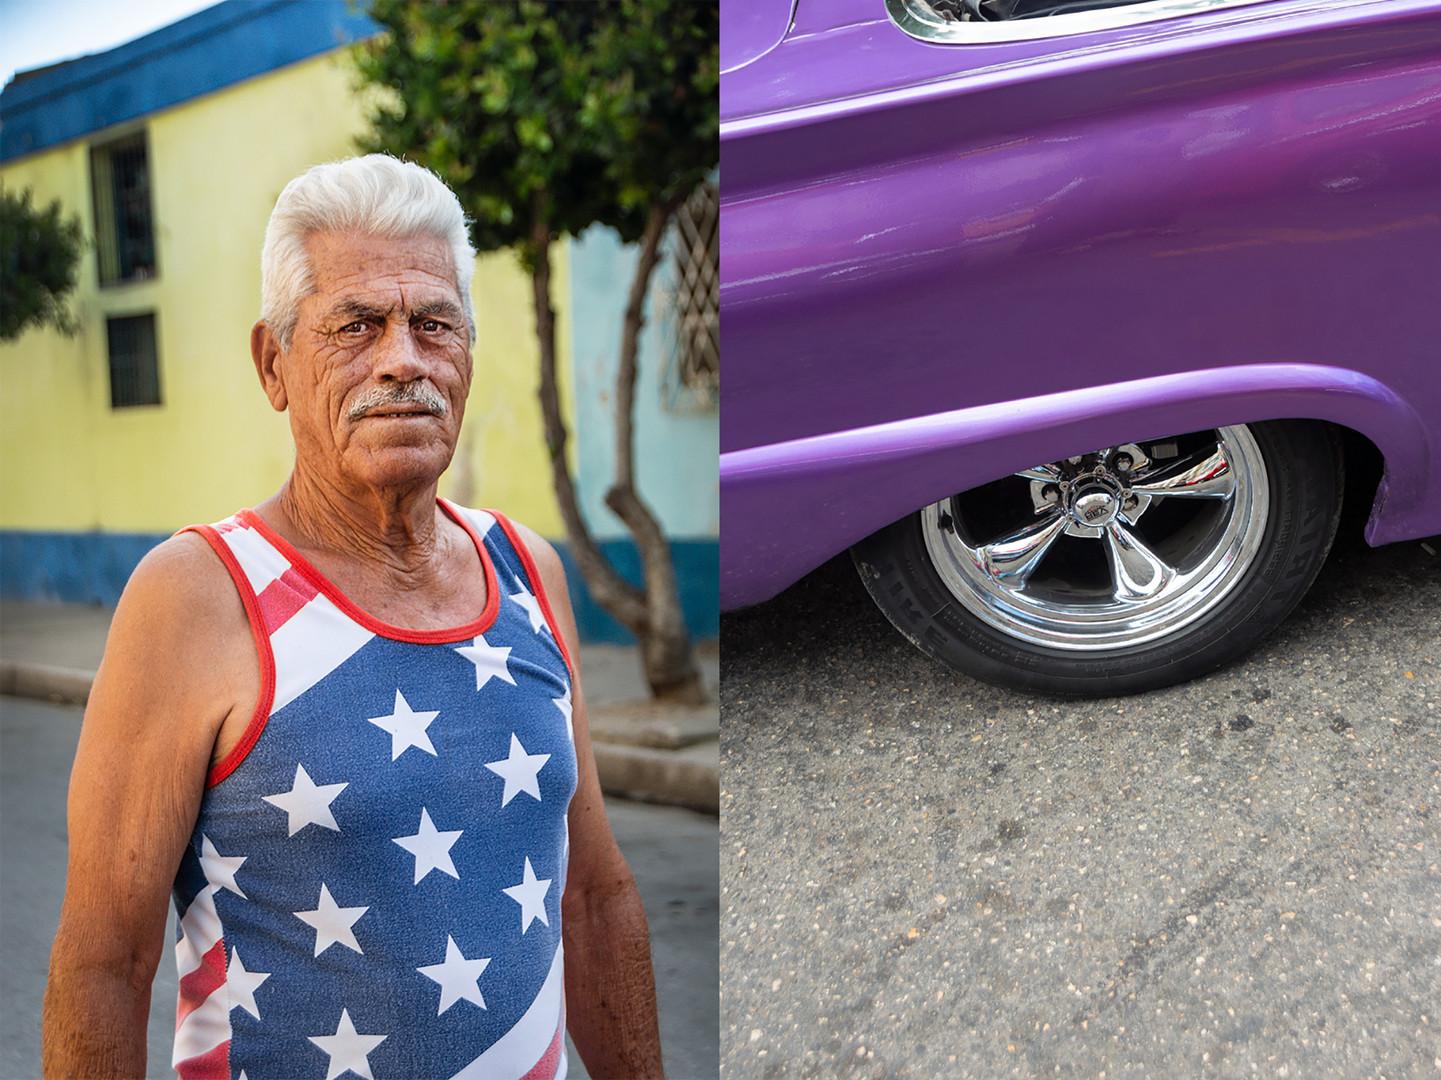 Cuba_double_144dpi_07 Kopie.jpg